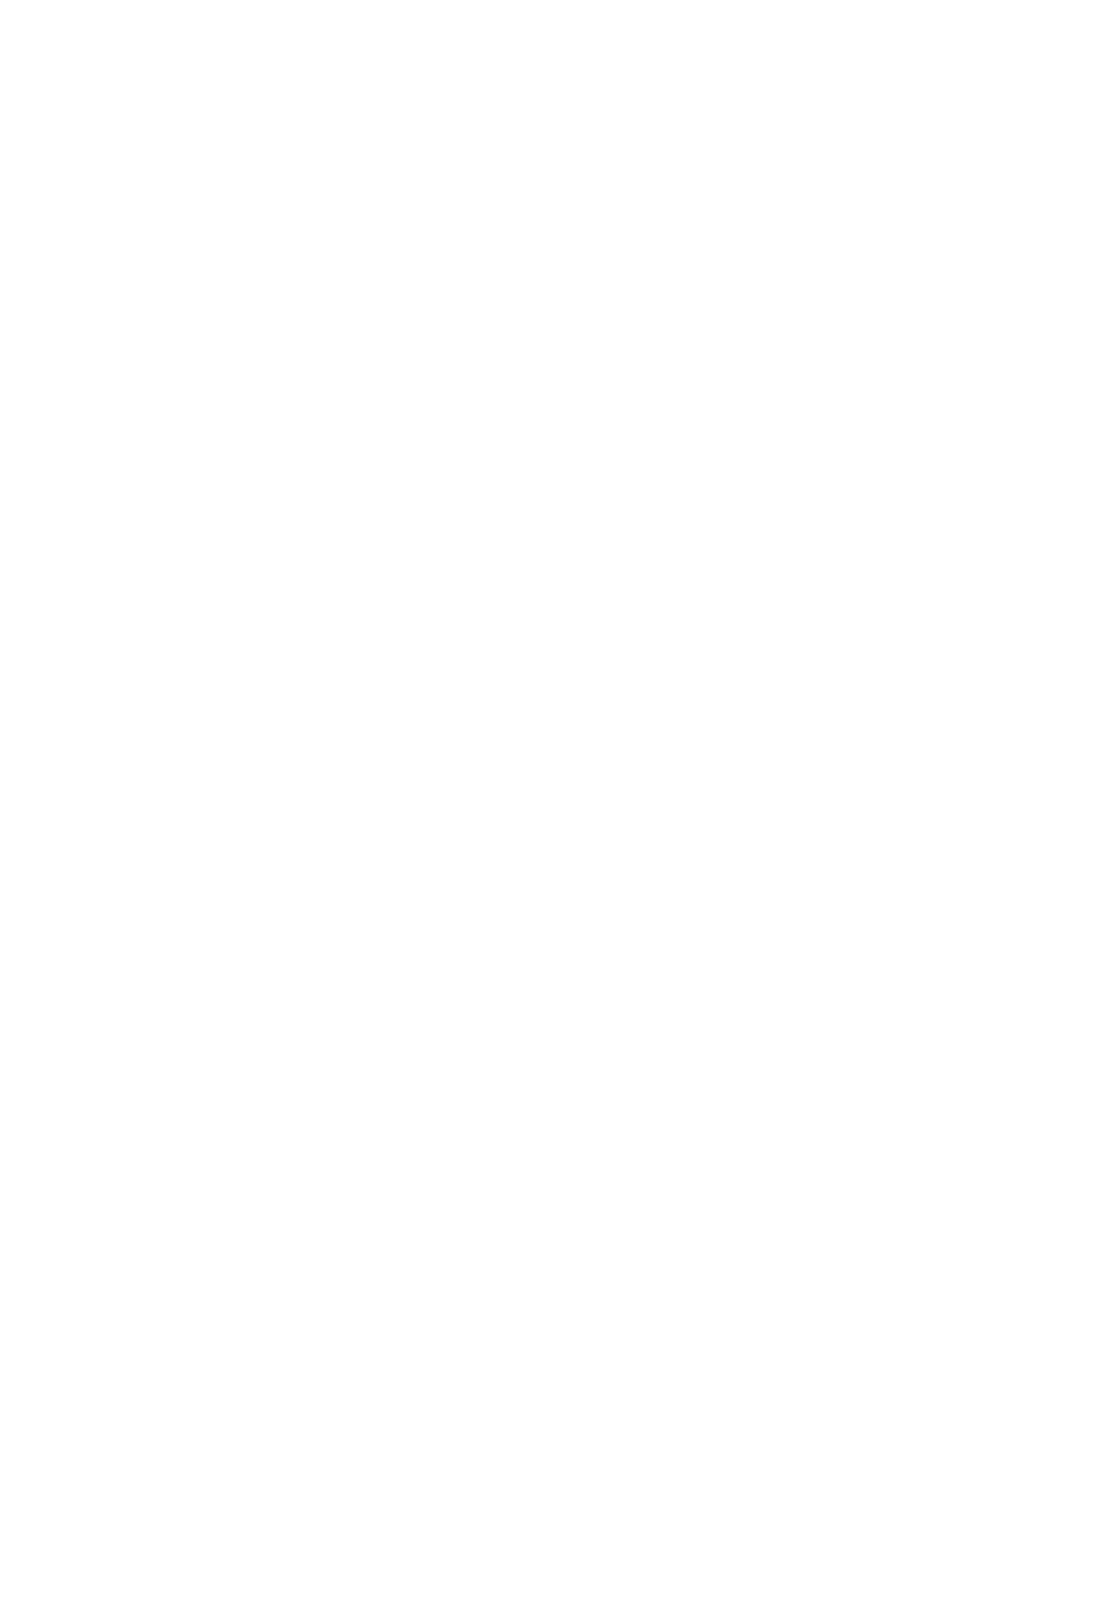 Hokuou no Megami to Charao no Rune 18